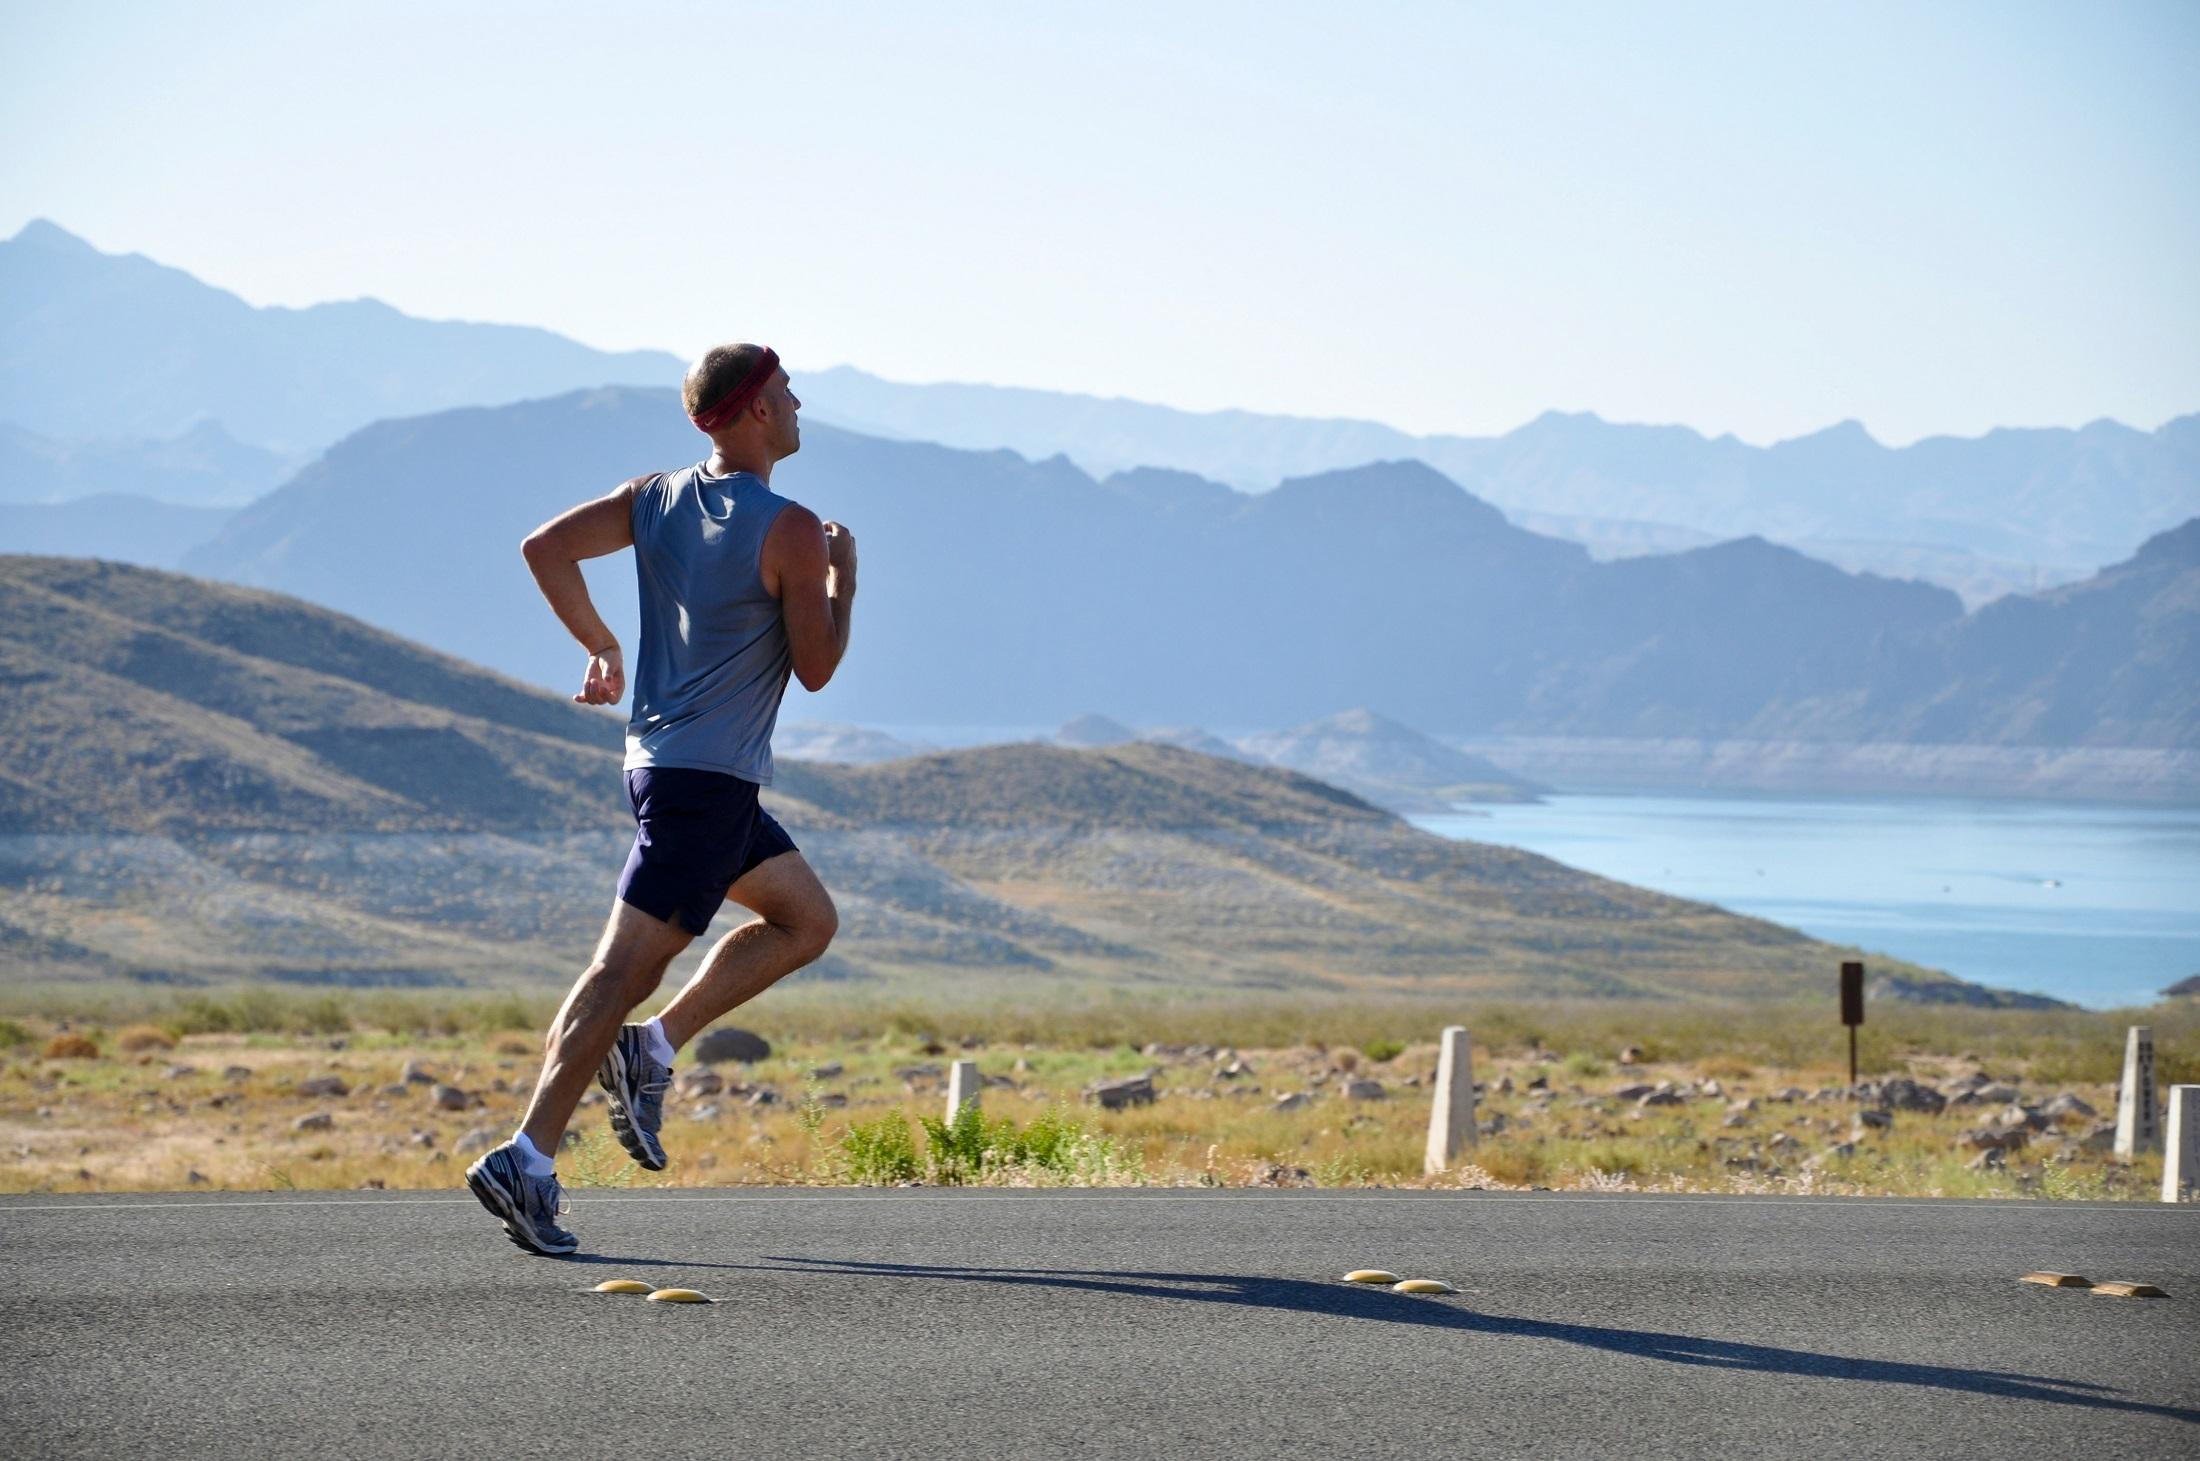 Du kan låna någons skor, men det är du som måste springa marathonloppet